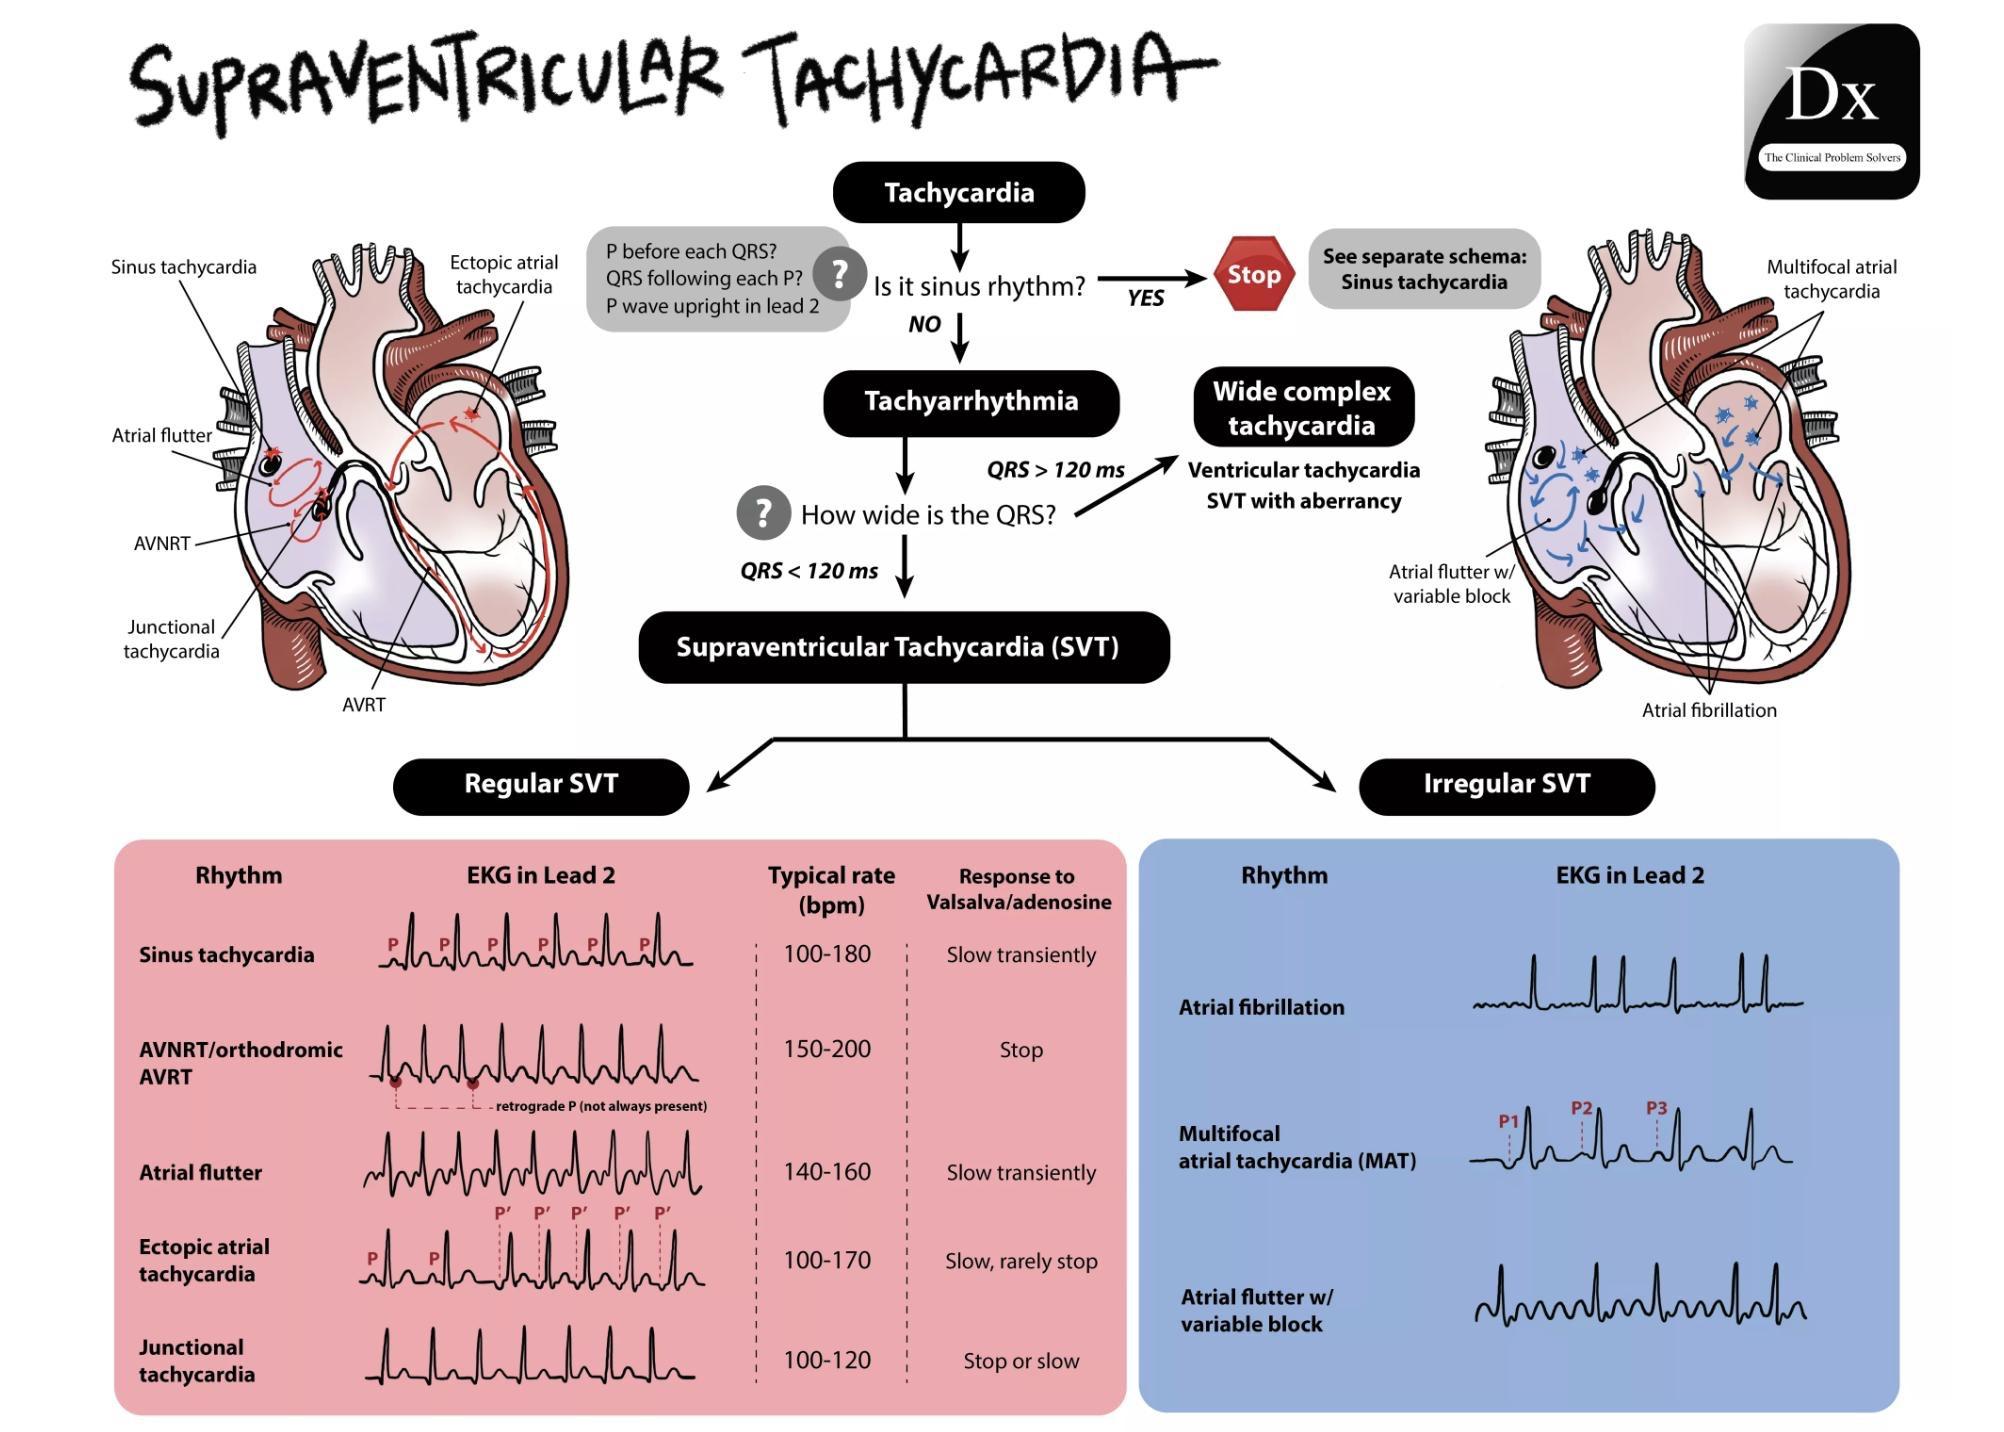 Supraventricular Tachycardia Supraventriculartachycardia Svt Ekg Cardiology Diagnosis